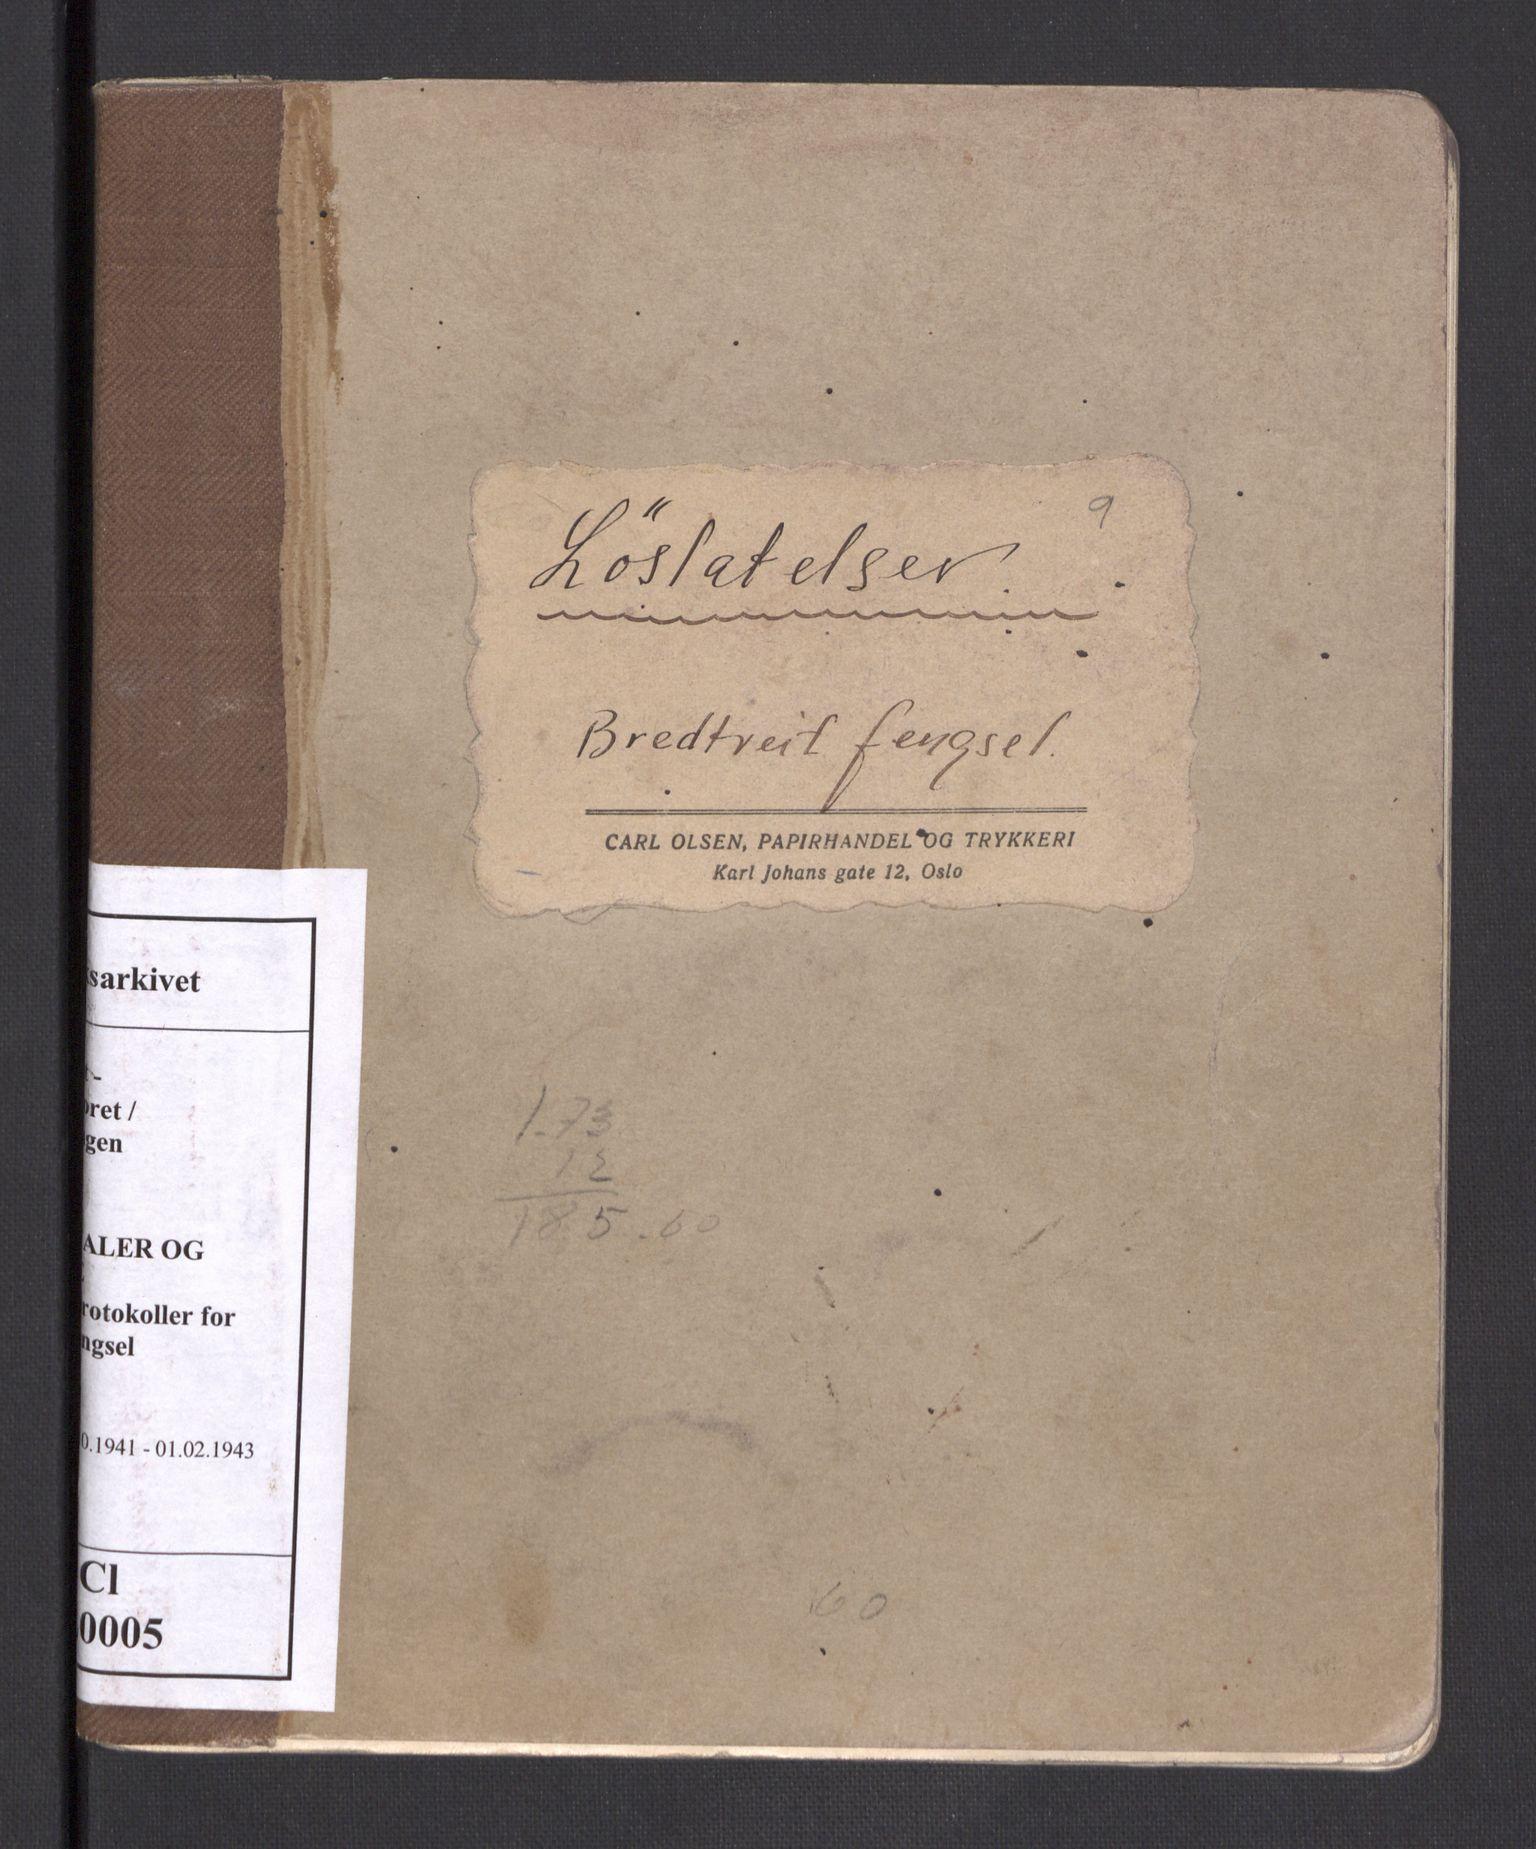 RA, Statspolitiet - Hovedkontoret / Osloavdelingen, C/Cl/L0005: Løslatelser, 1941-1943